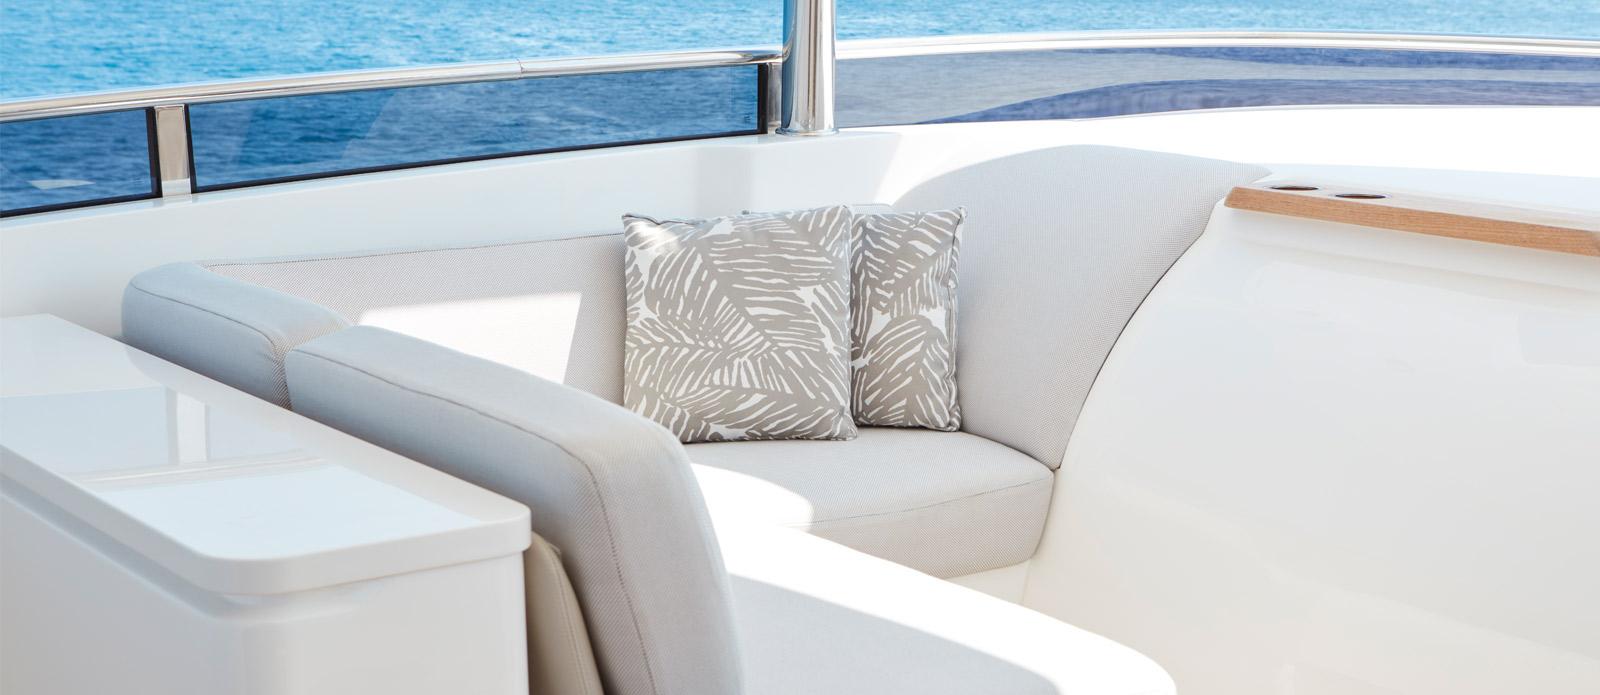 Princess 30 Metre Yacht Bandazul - Flybridge U-Shaped Seating